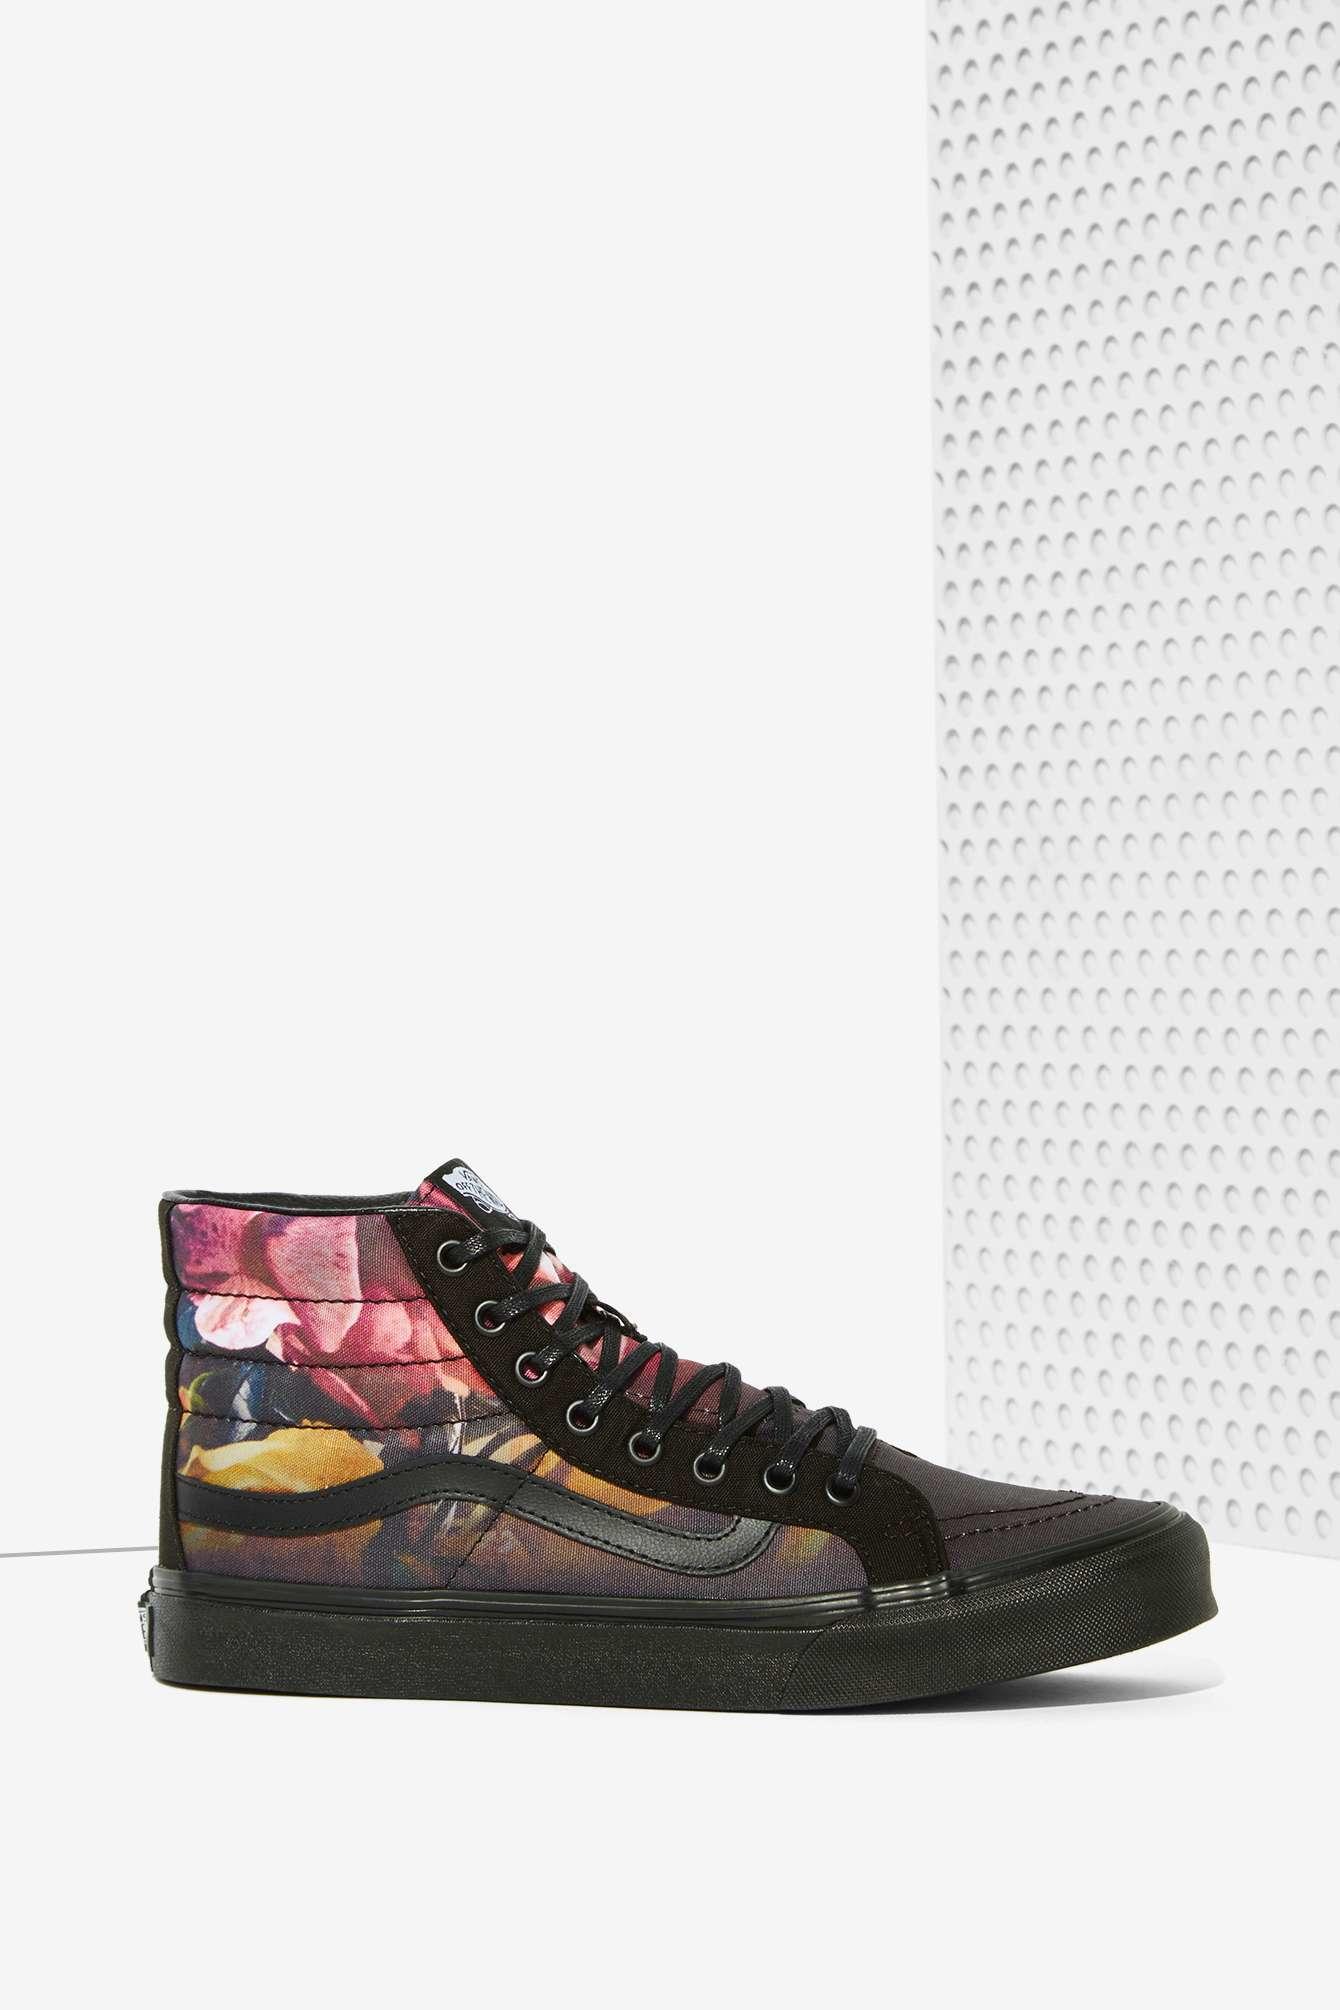 e6a341c1c557c8 Lyst - Vans Sk8-hi Slim Sneaker - Ombre Floral